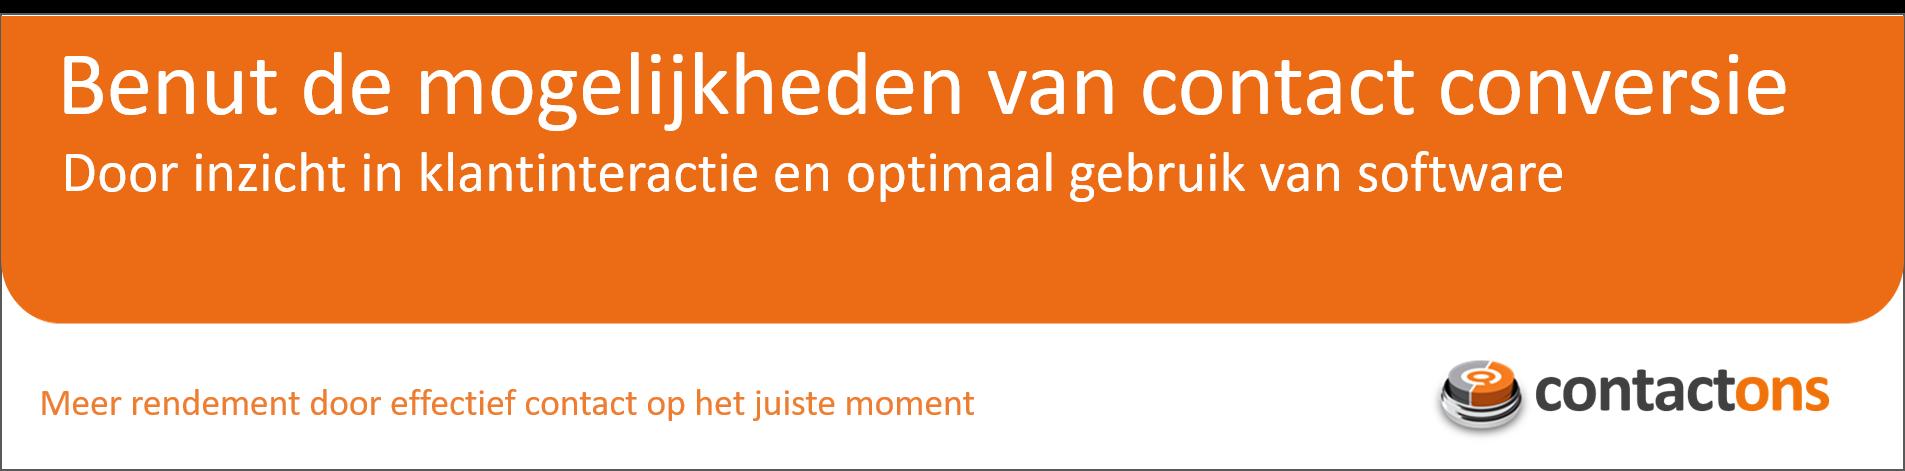 Meer rendement door effectief contact op het juiste moment - ContactOns.nl